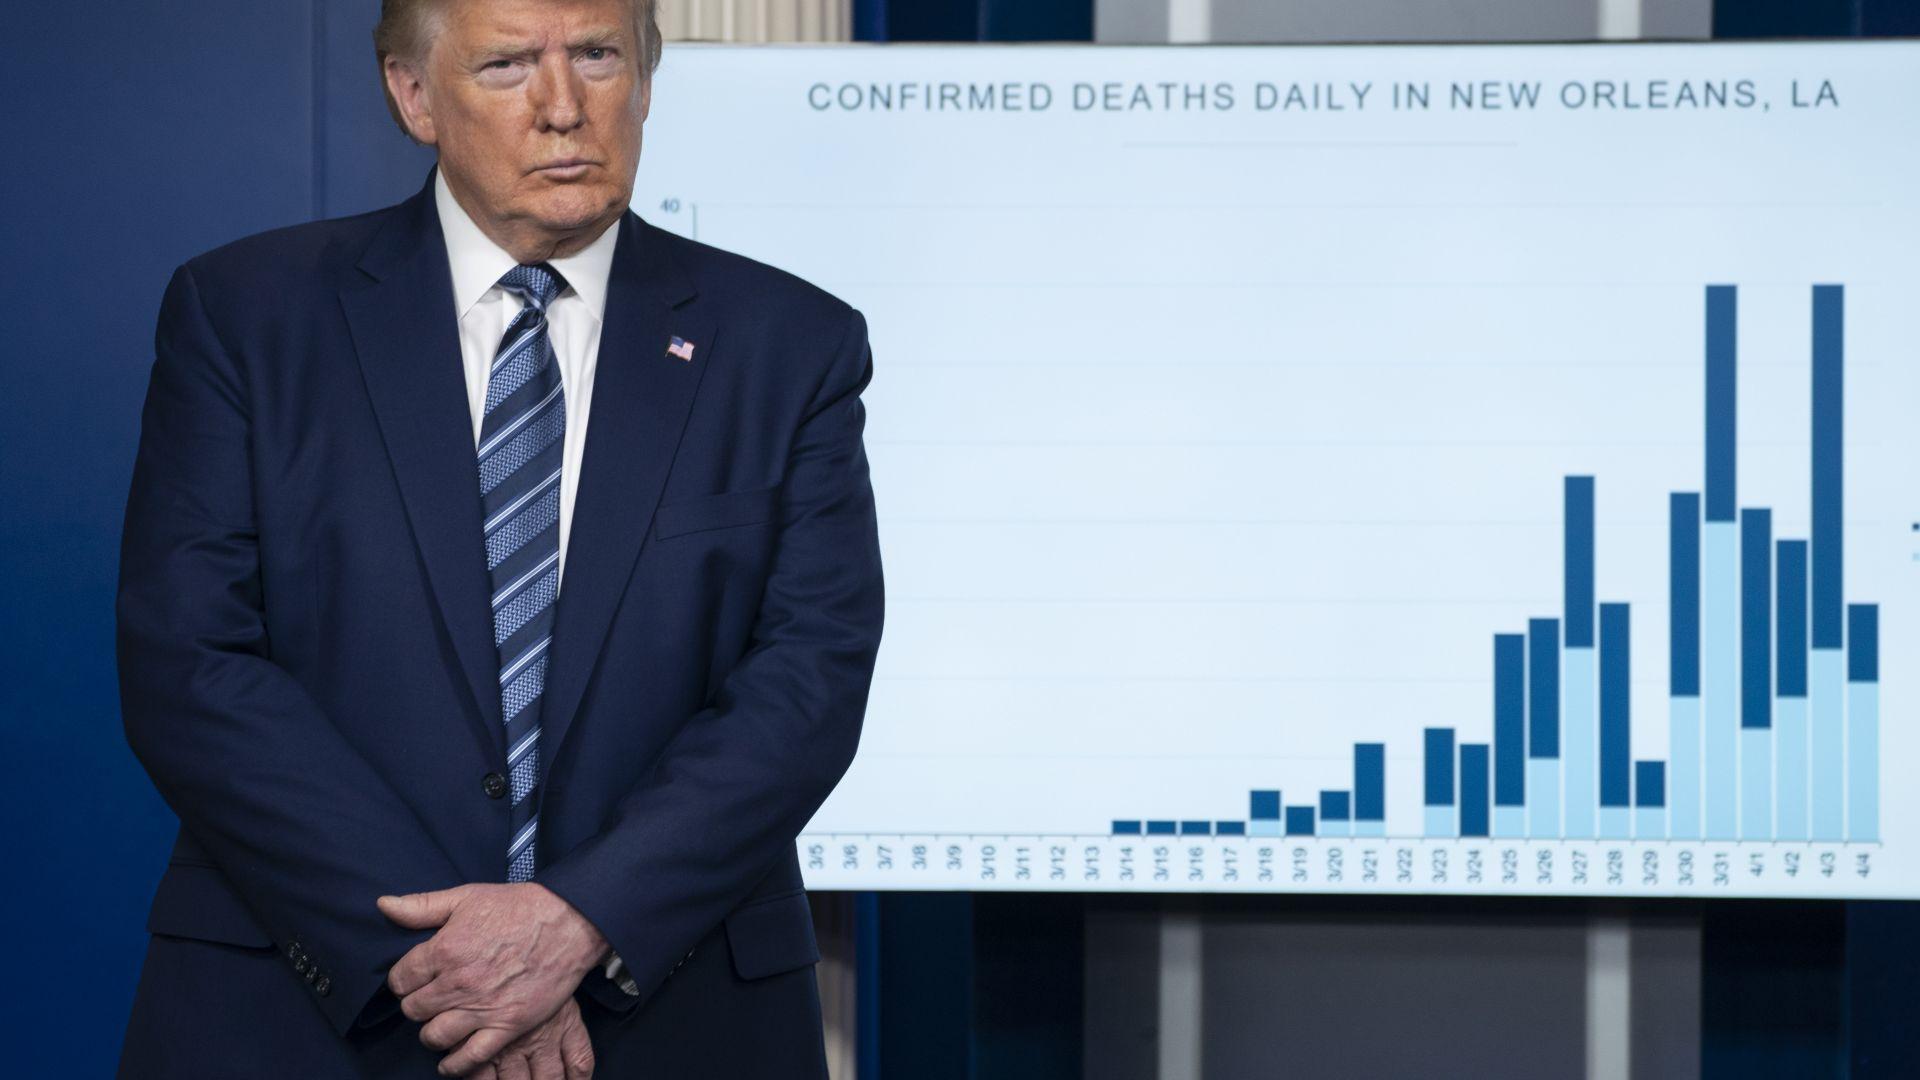 САЩ са новият епицентър на пандемията от коронавирус. Броят на